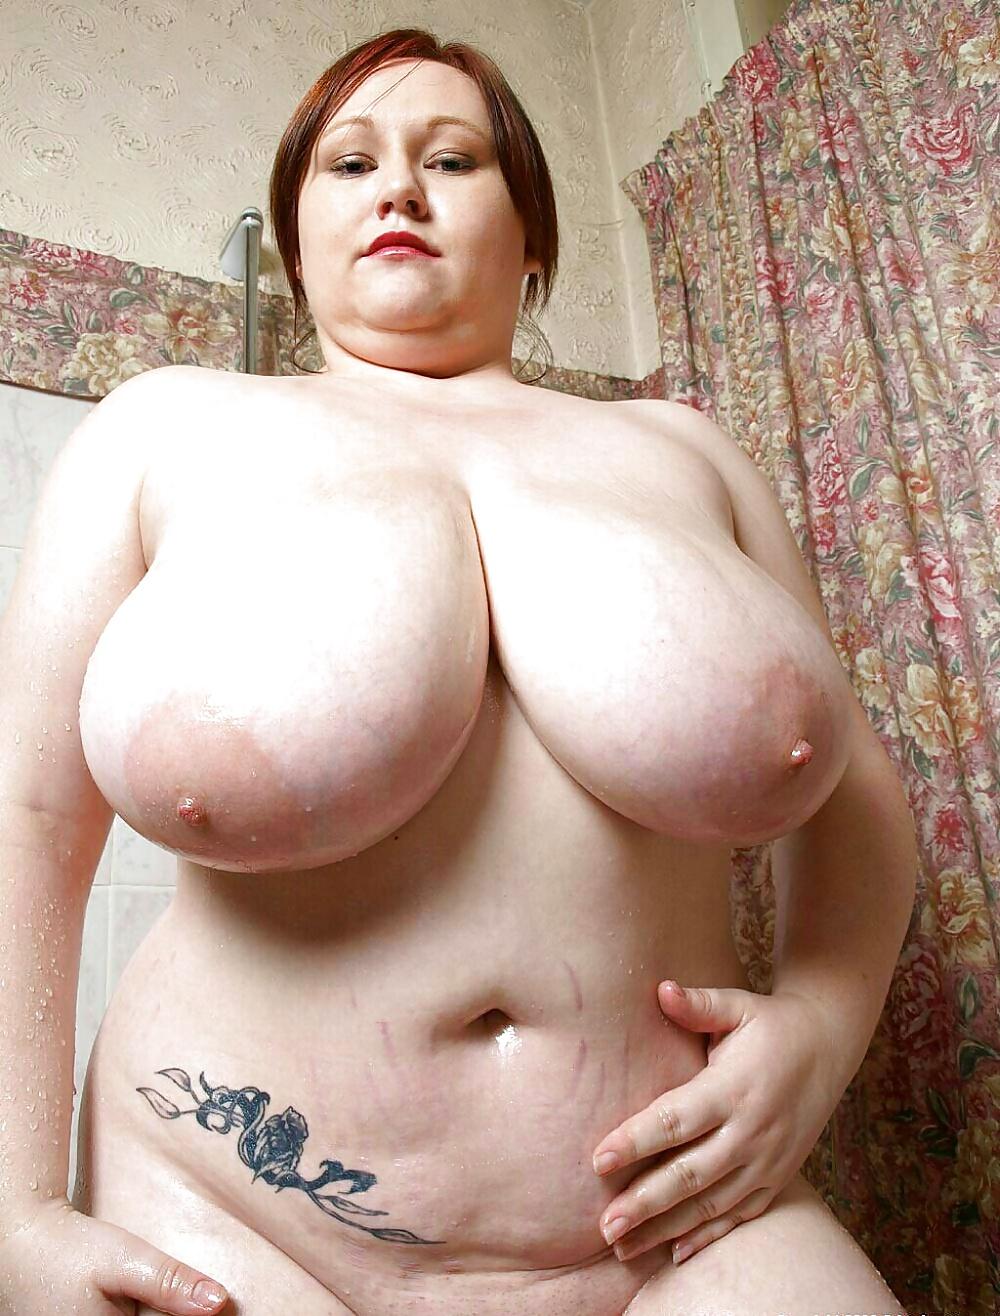 Reife Milf mit große Brüsten kostenlos - Bild 7